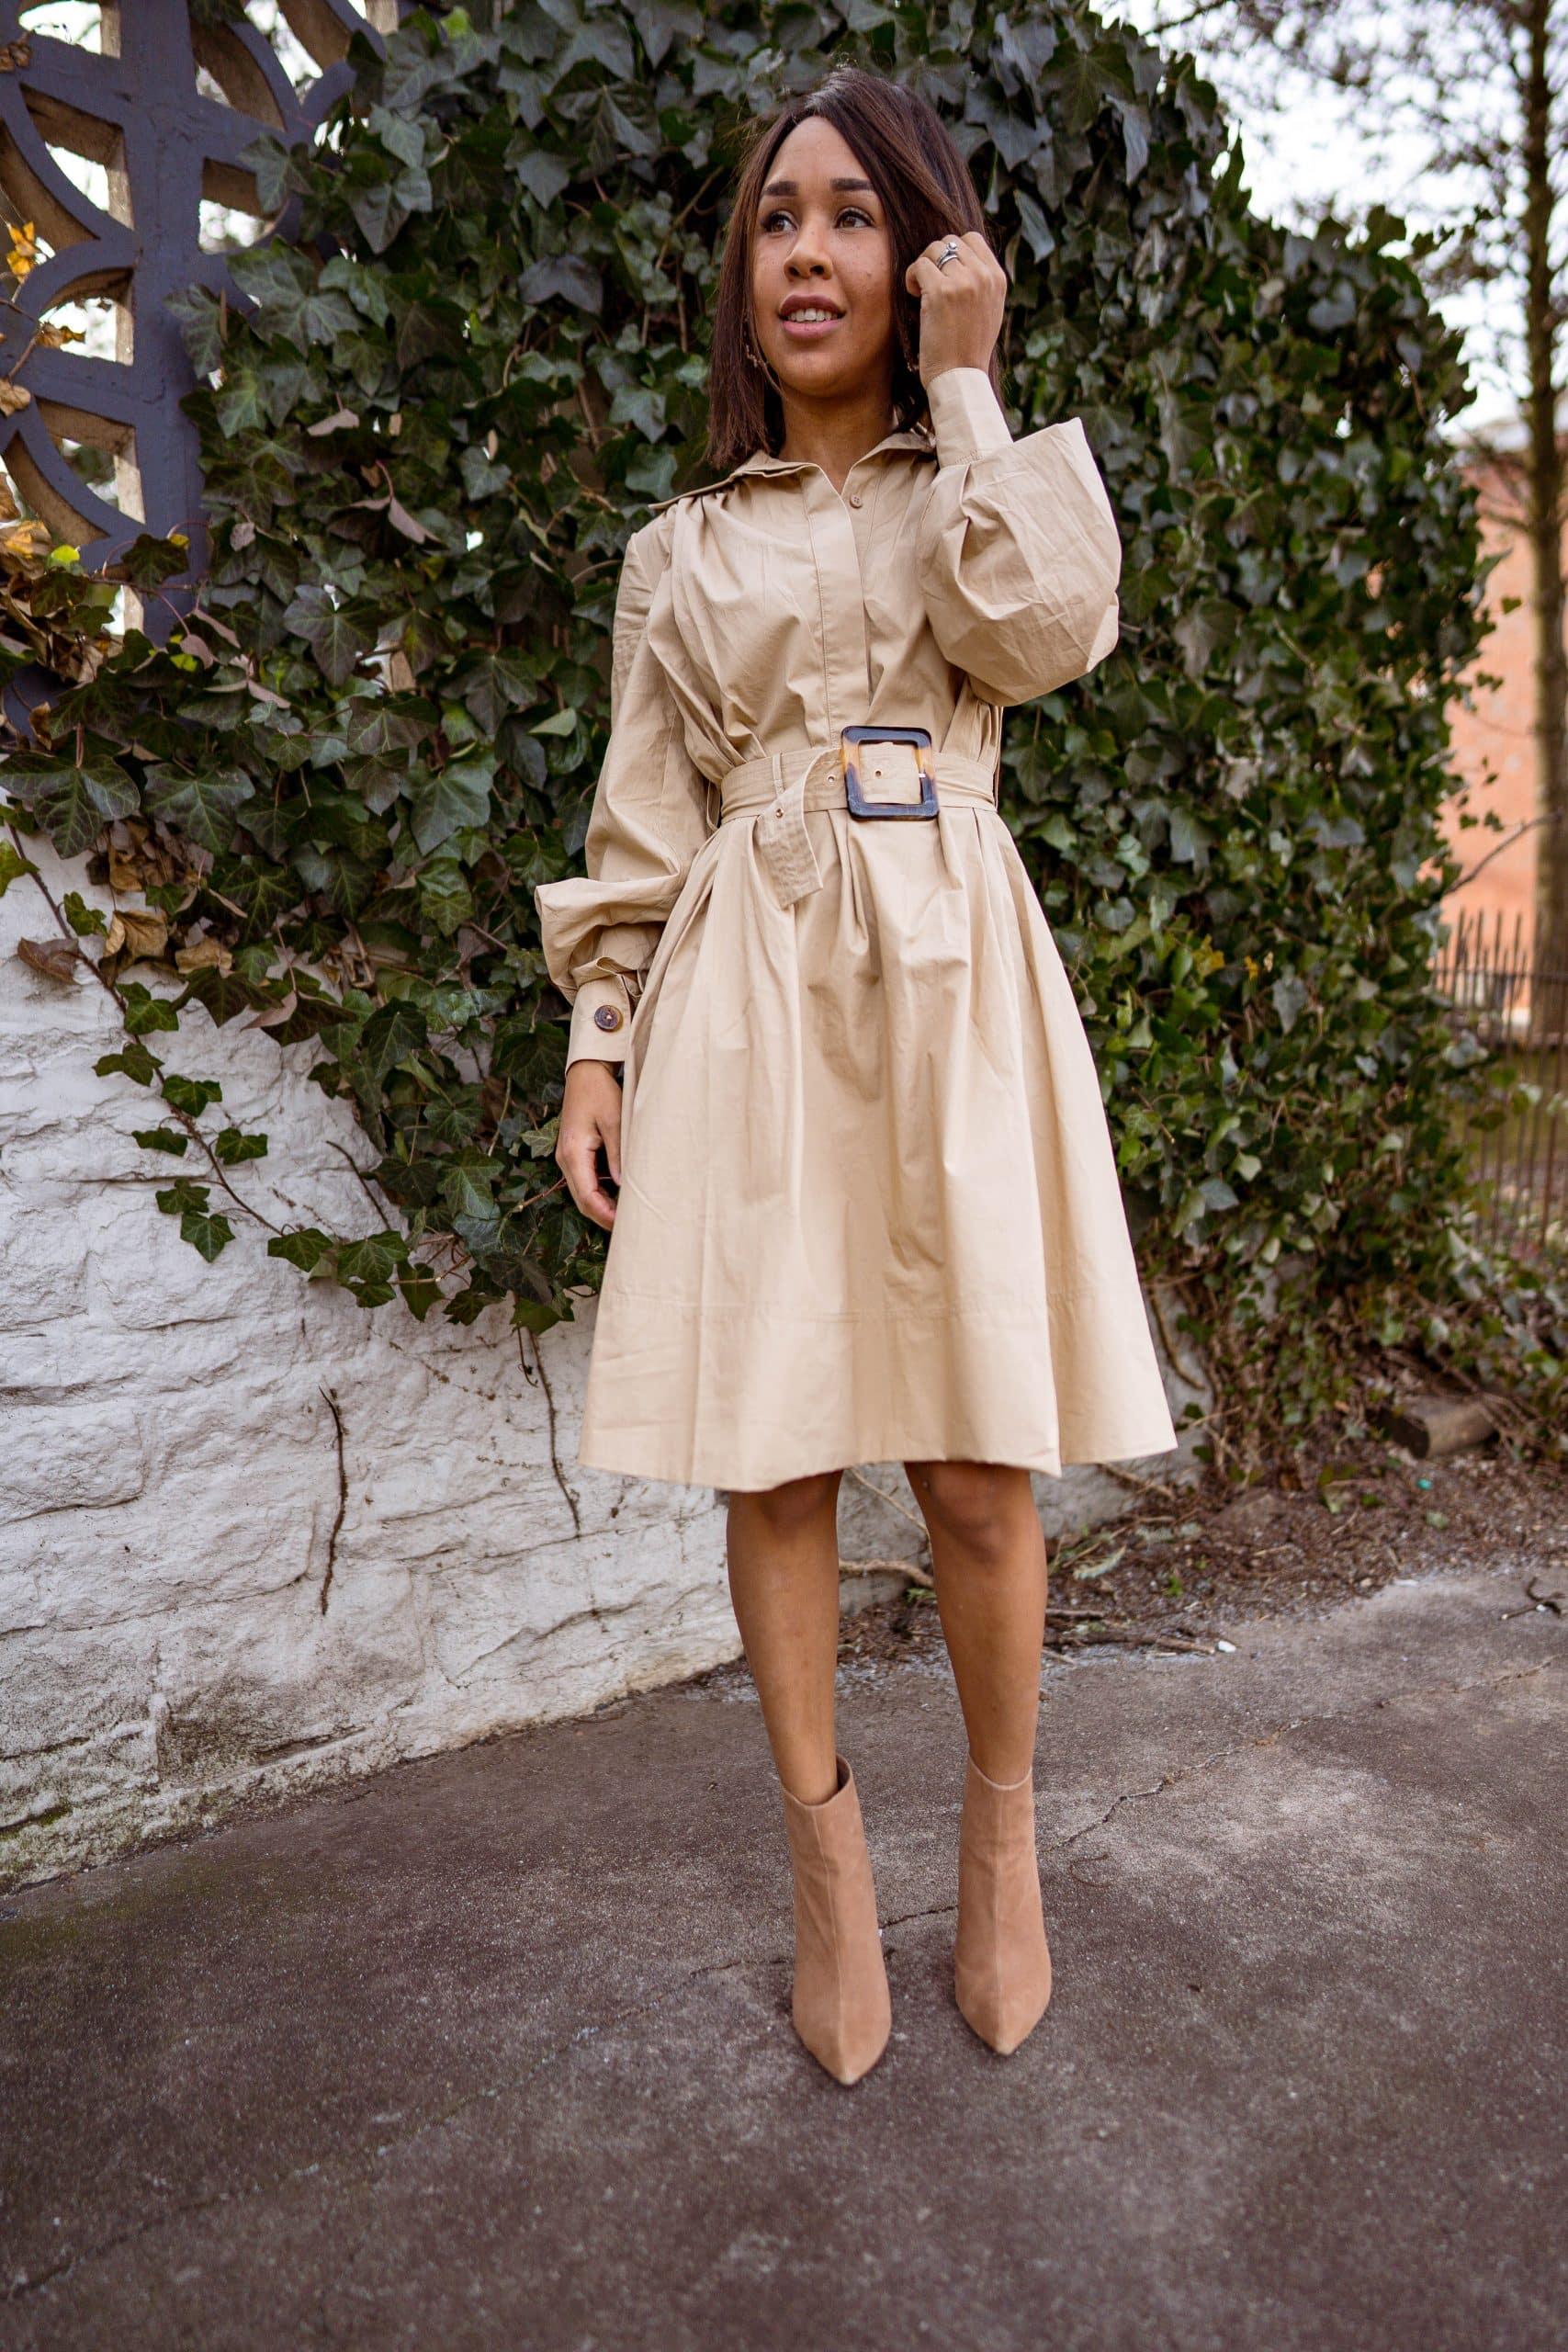 livinglesh dresses like coats